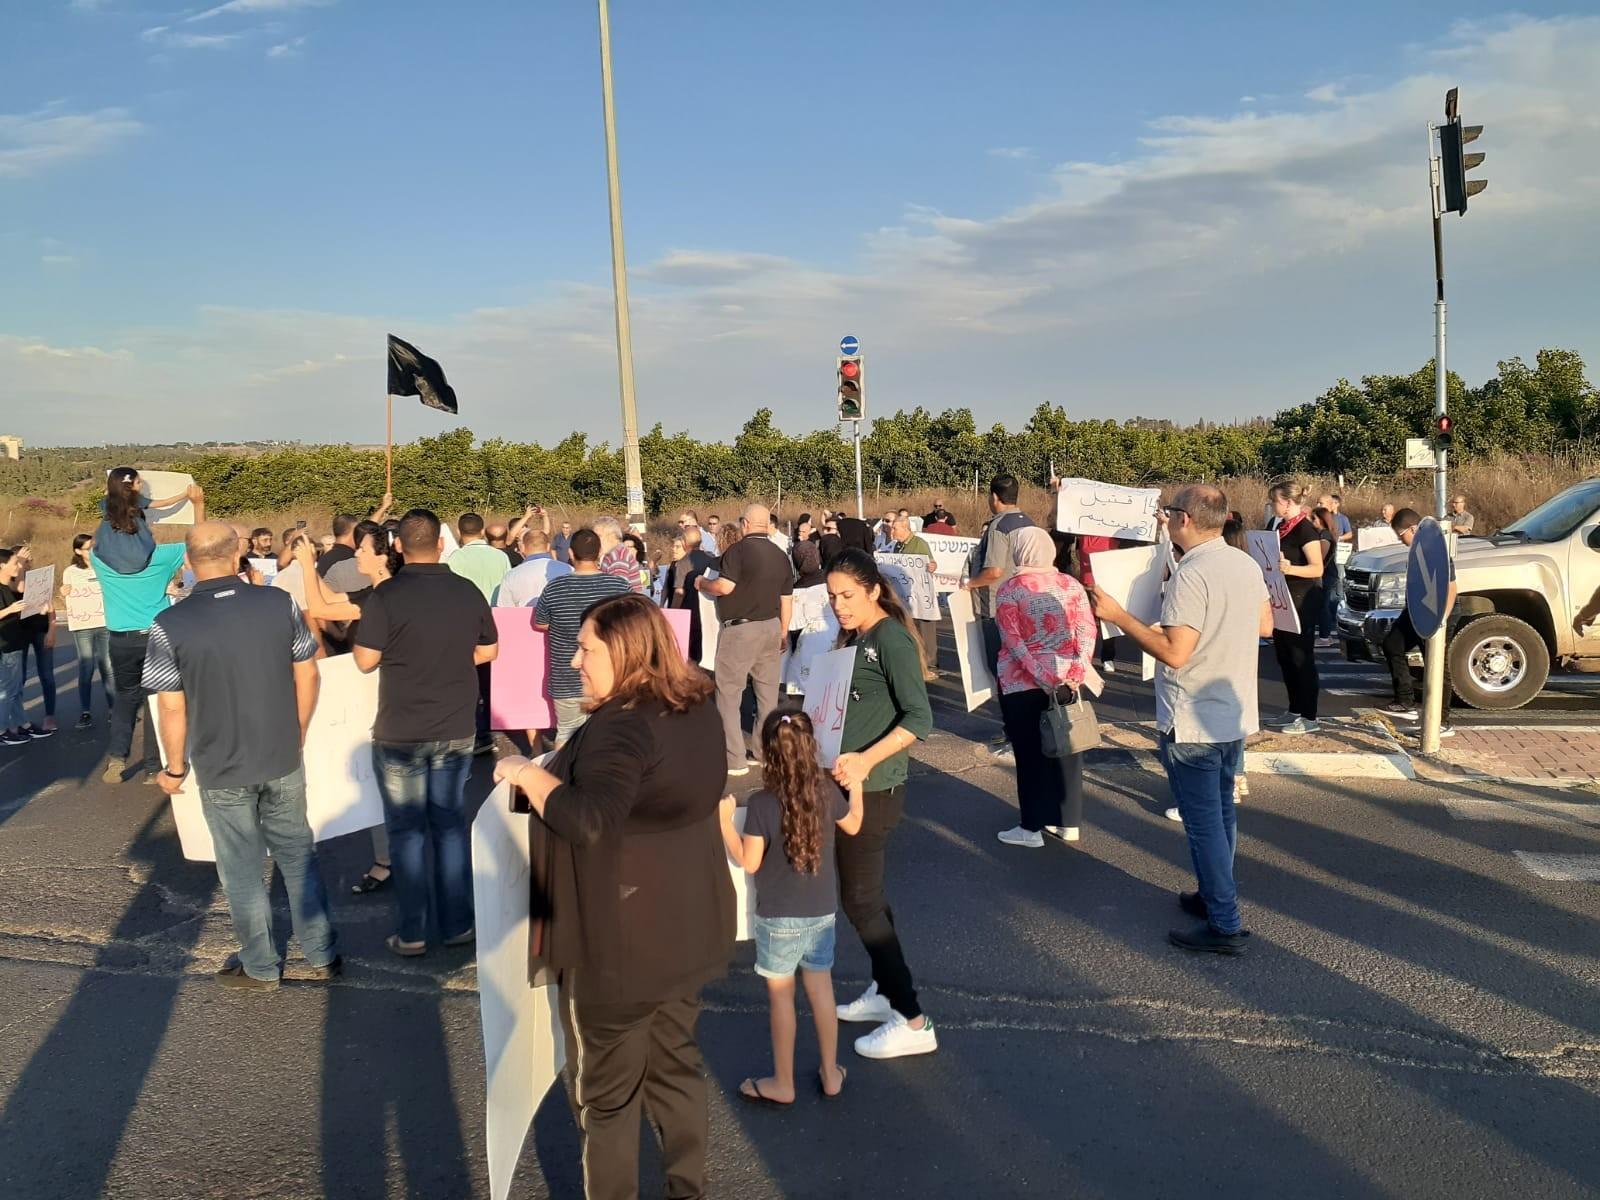 من تظاهرات الطيرة (عرب ٤٨)